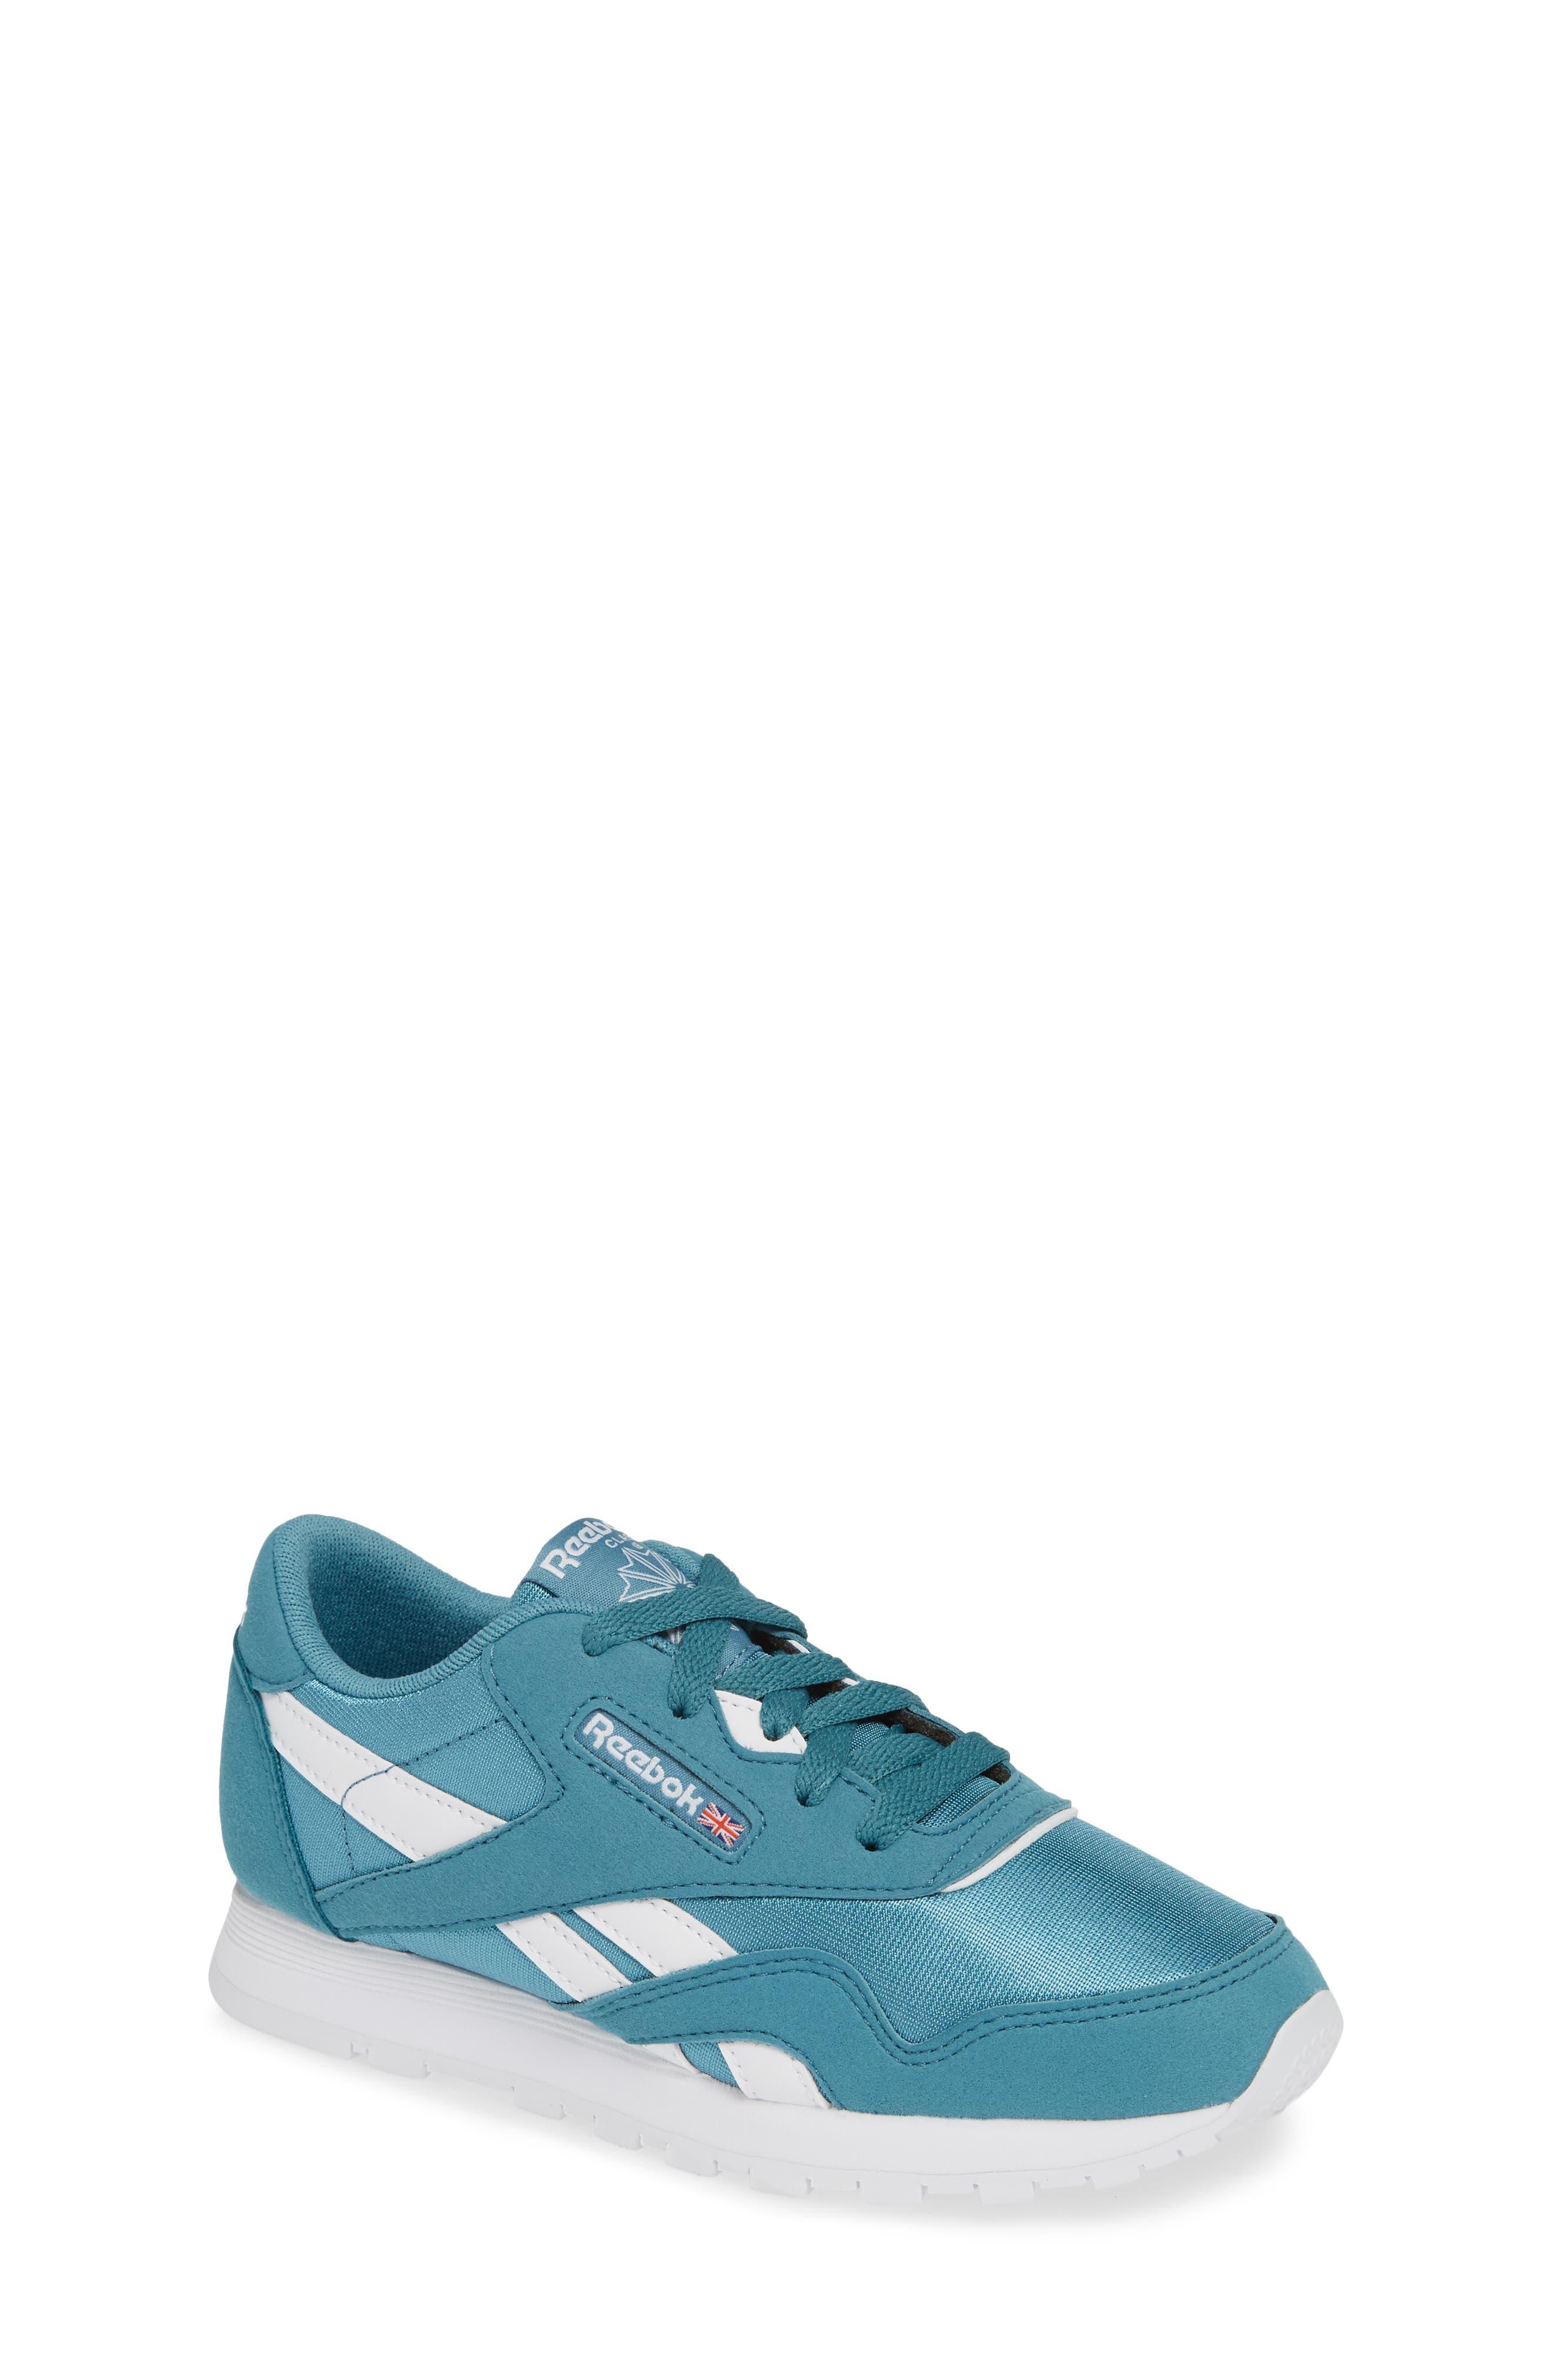 REEBOK, Classic Nylon Sneaker, Main thumbnail 1, color, 406